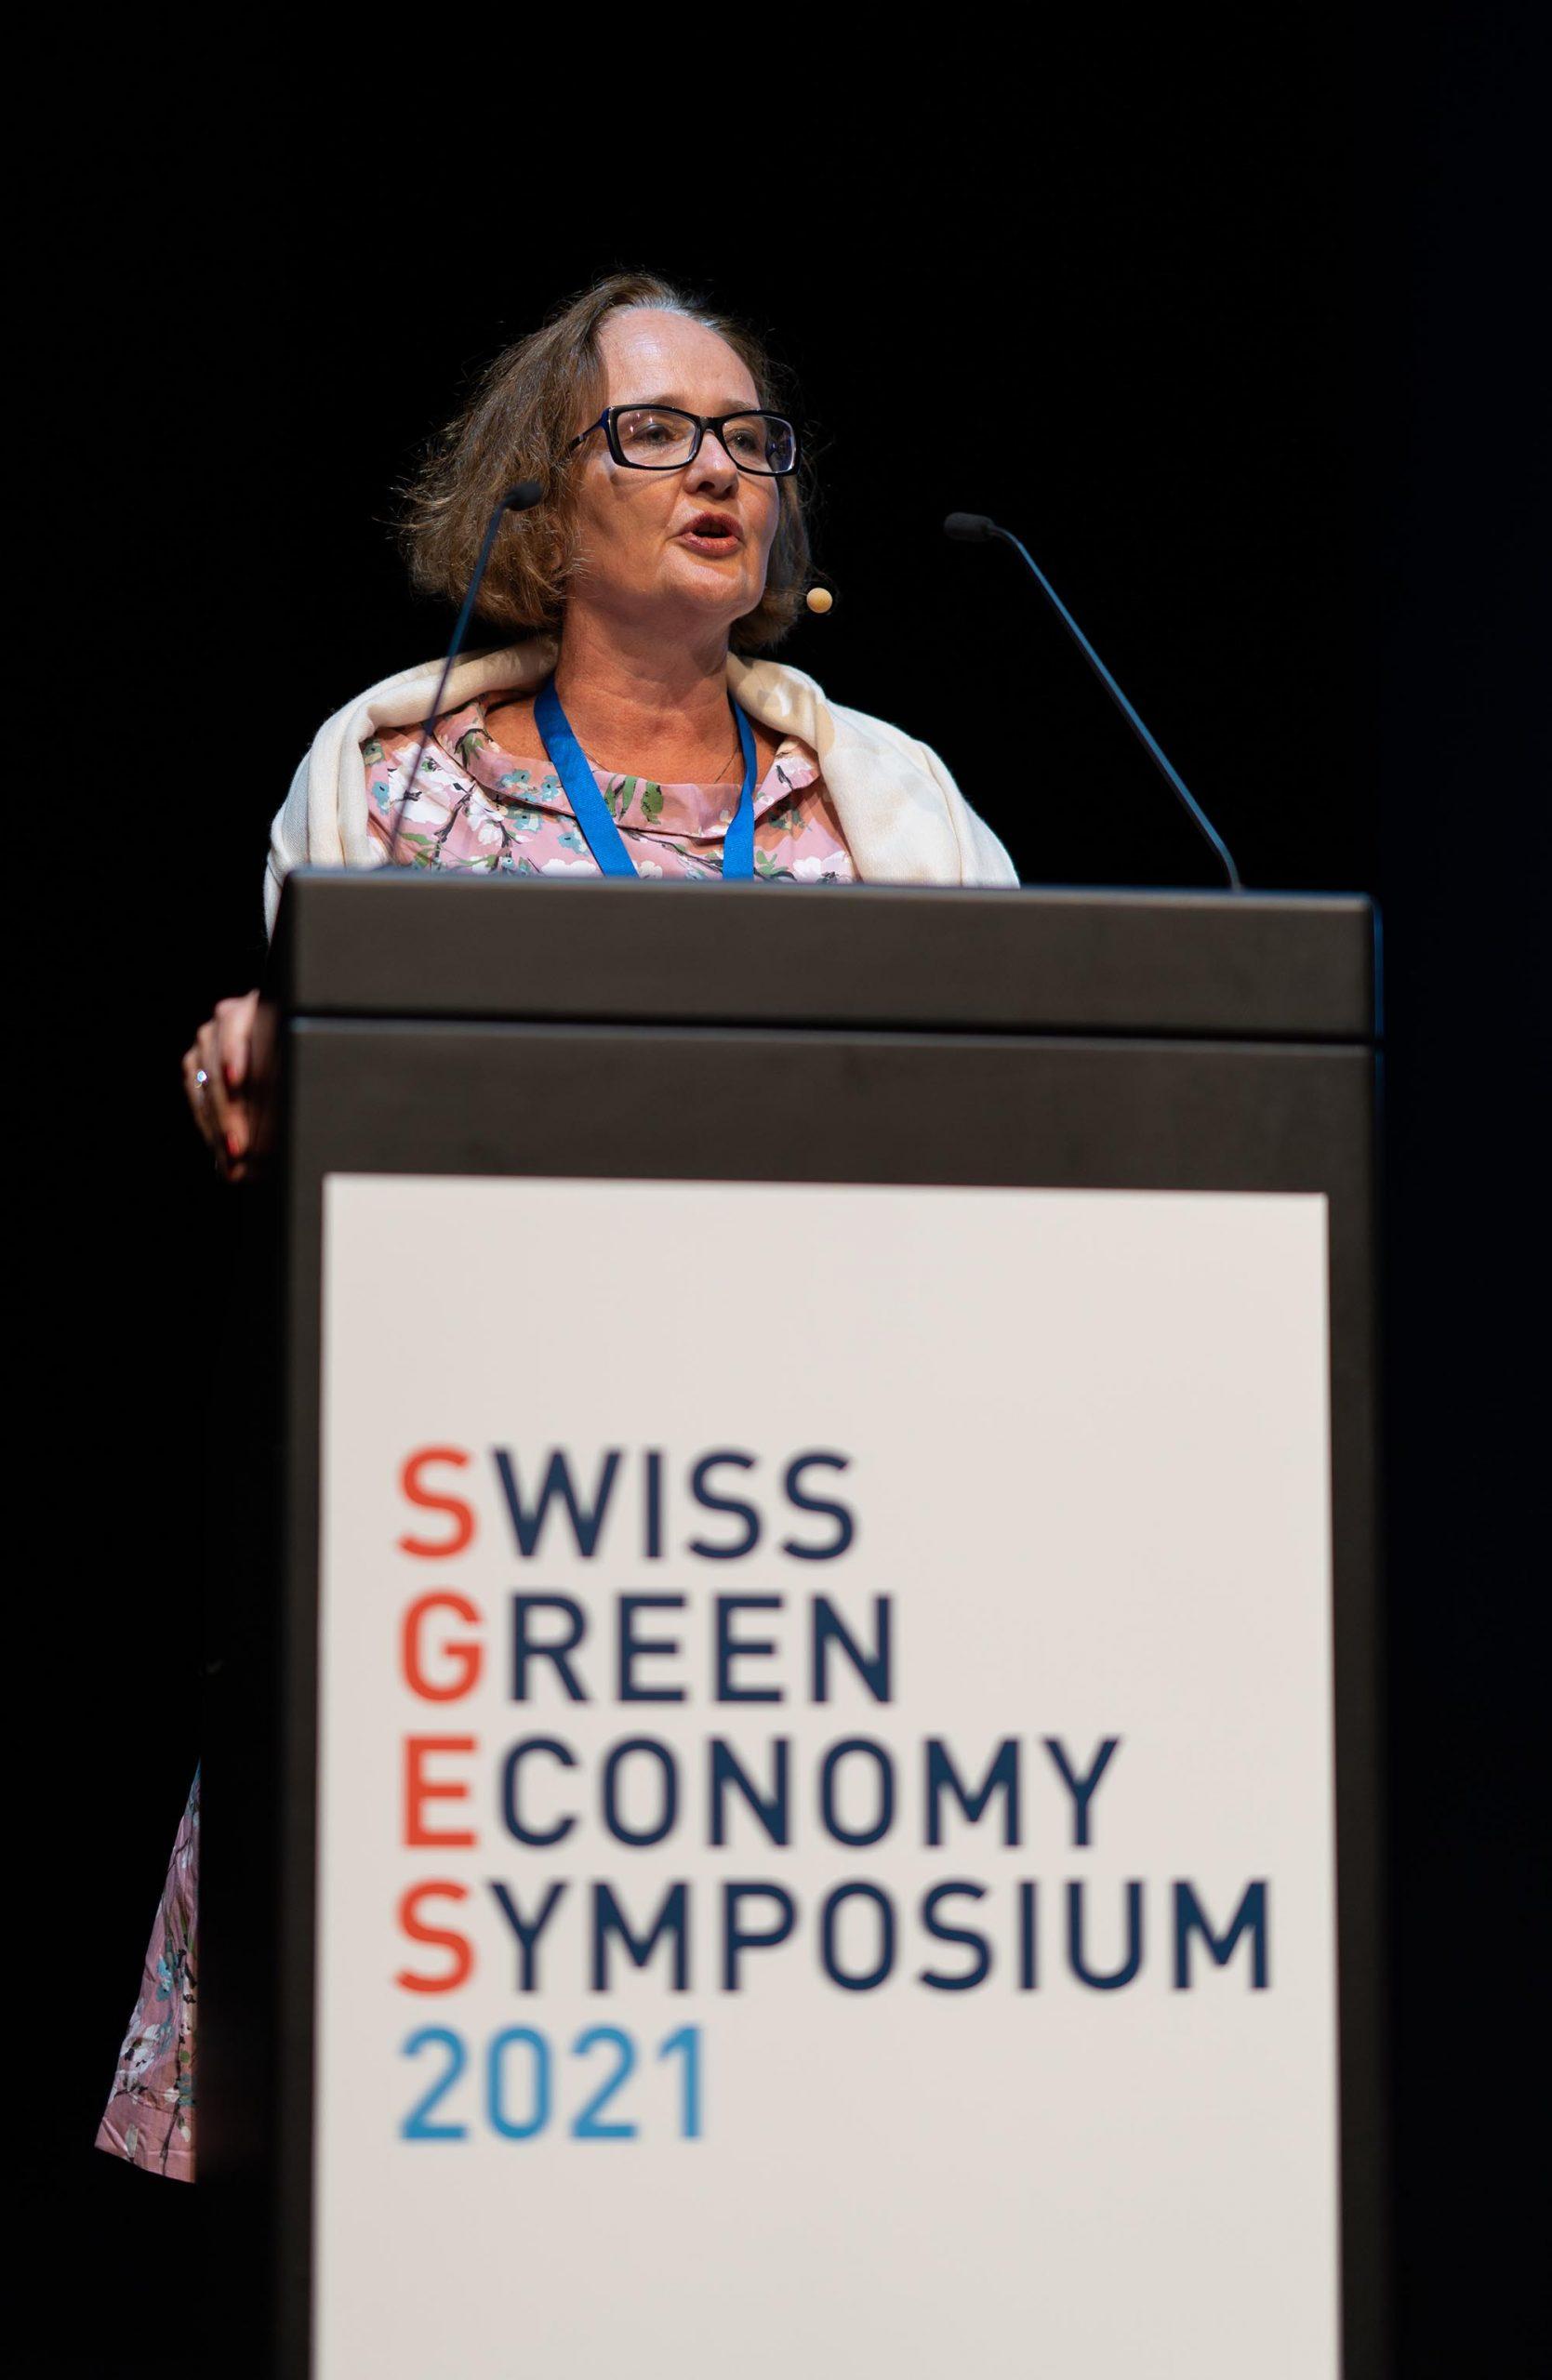 SGES Keynote: Dr. Karine Siegwart, Vizedirektorin, Bundesamt für Umwelt